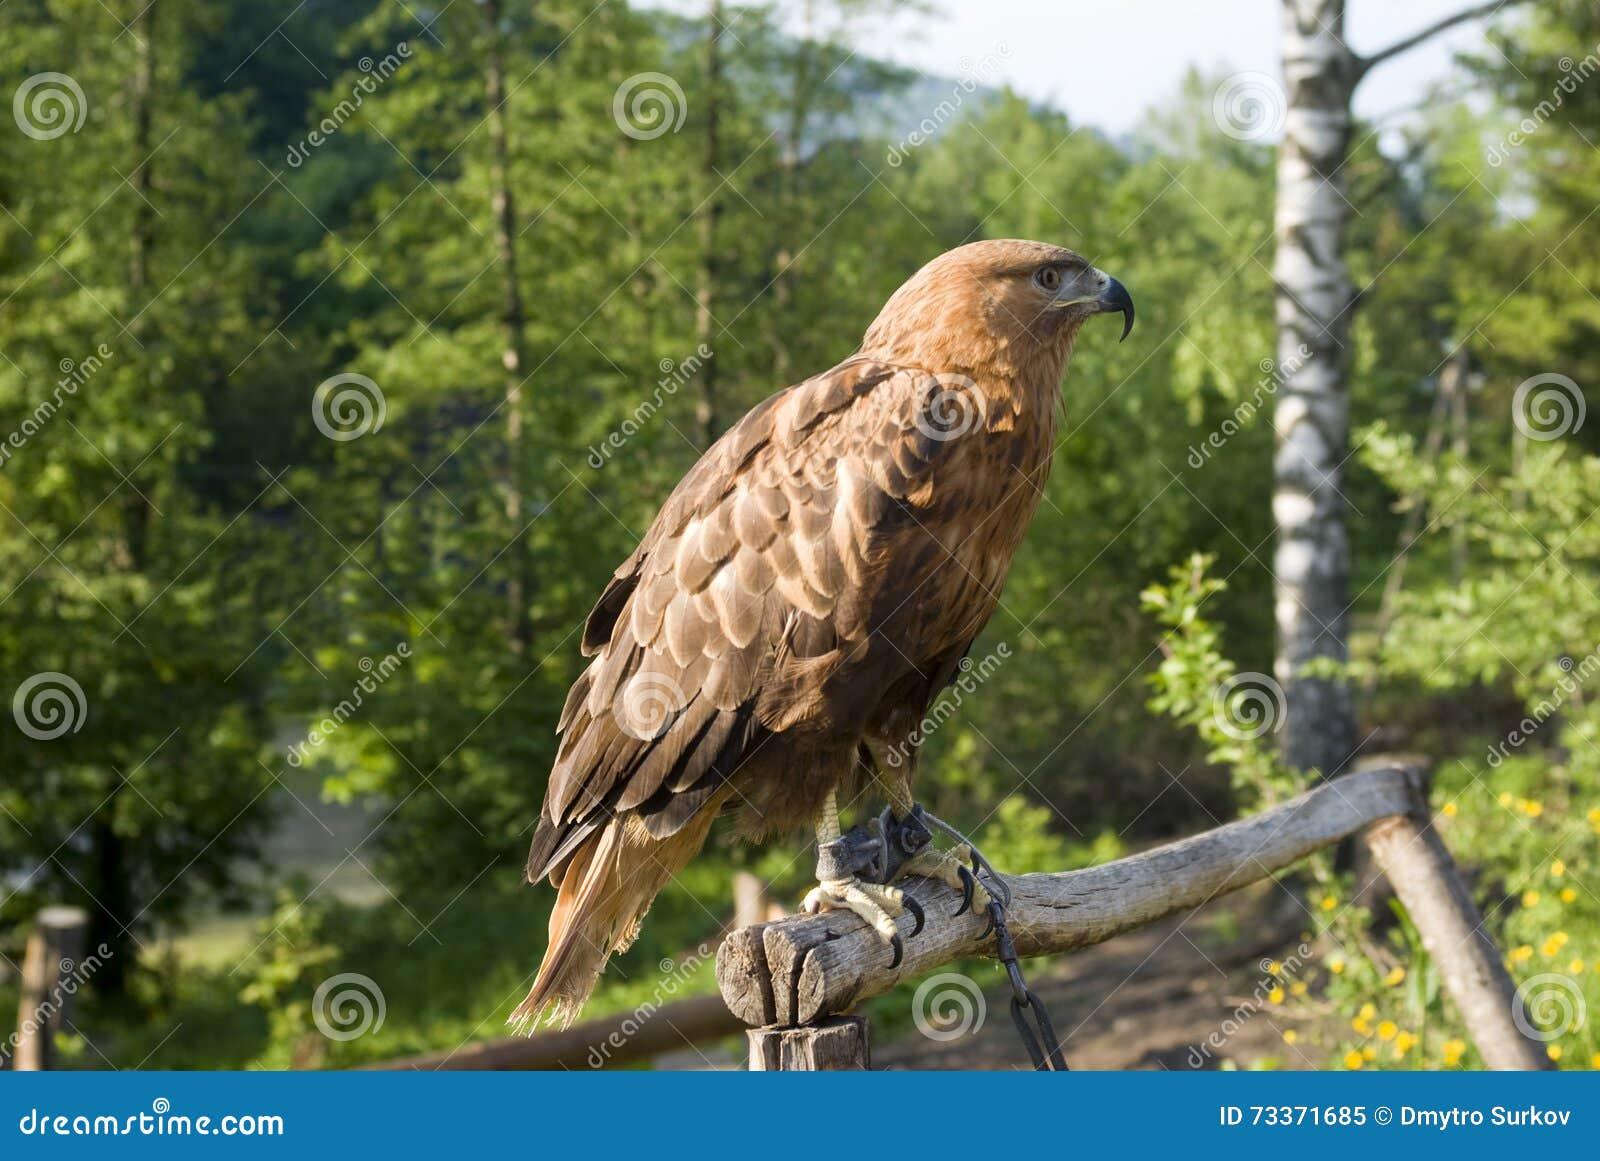 Eagle d or en captivité